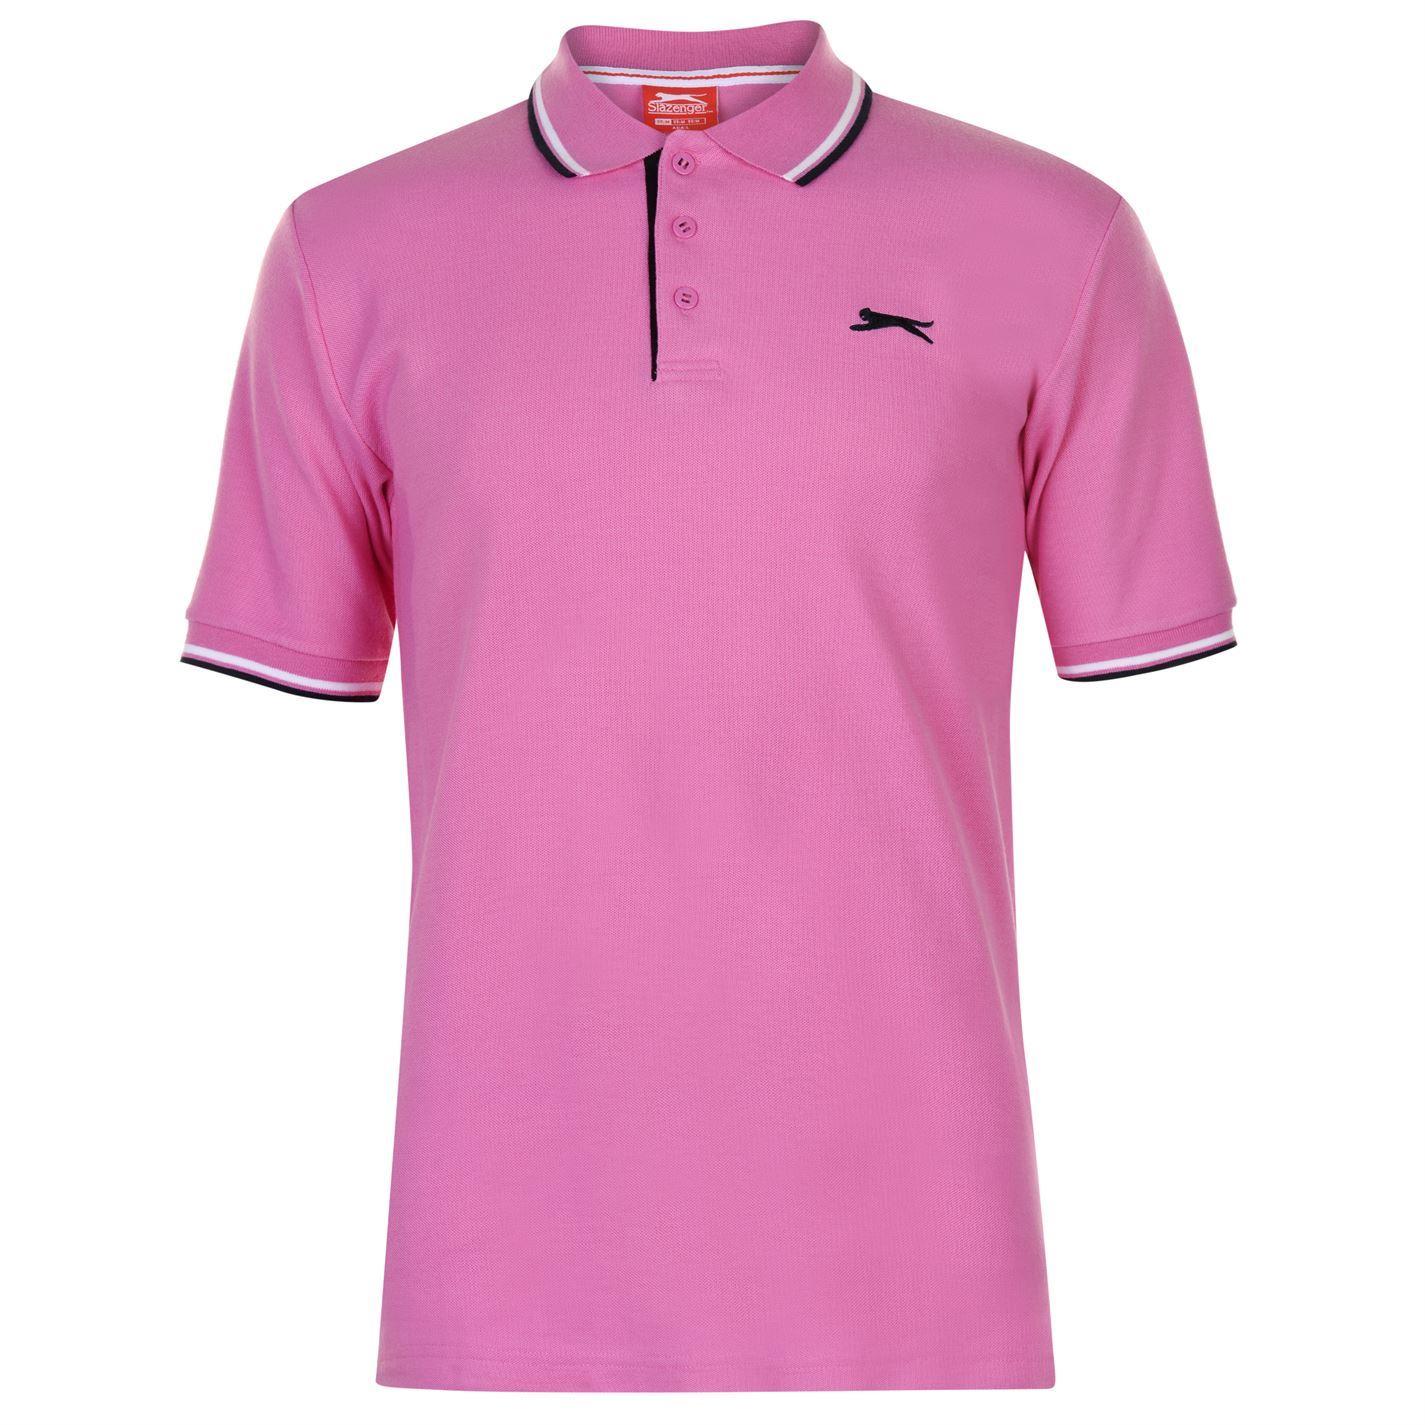 Slazenger-Polo-Camisa-de-hombre-con-cuello-con-Punta-T-Shirt-Top-Camiseta-Tee miniatura 21